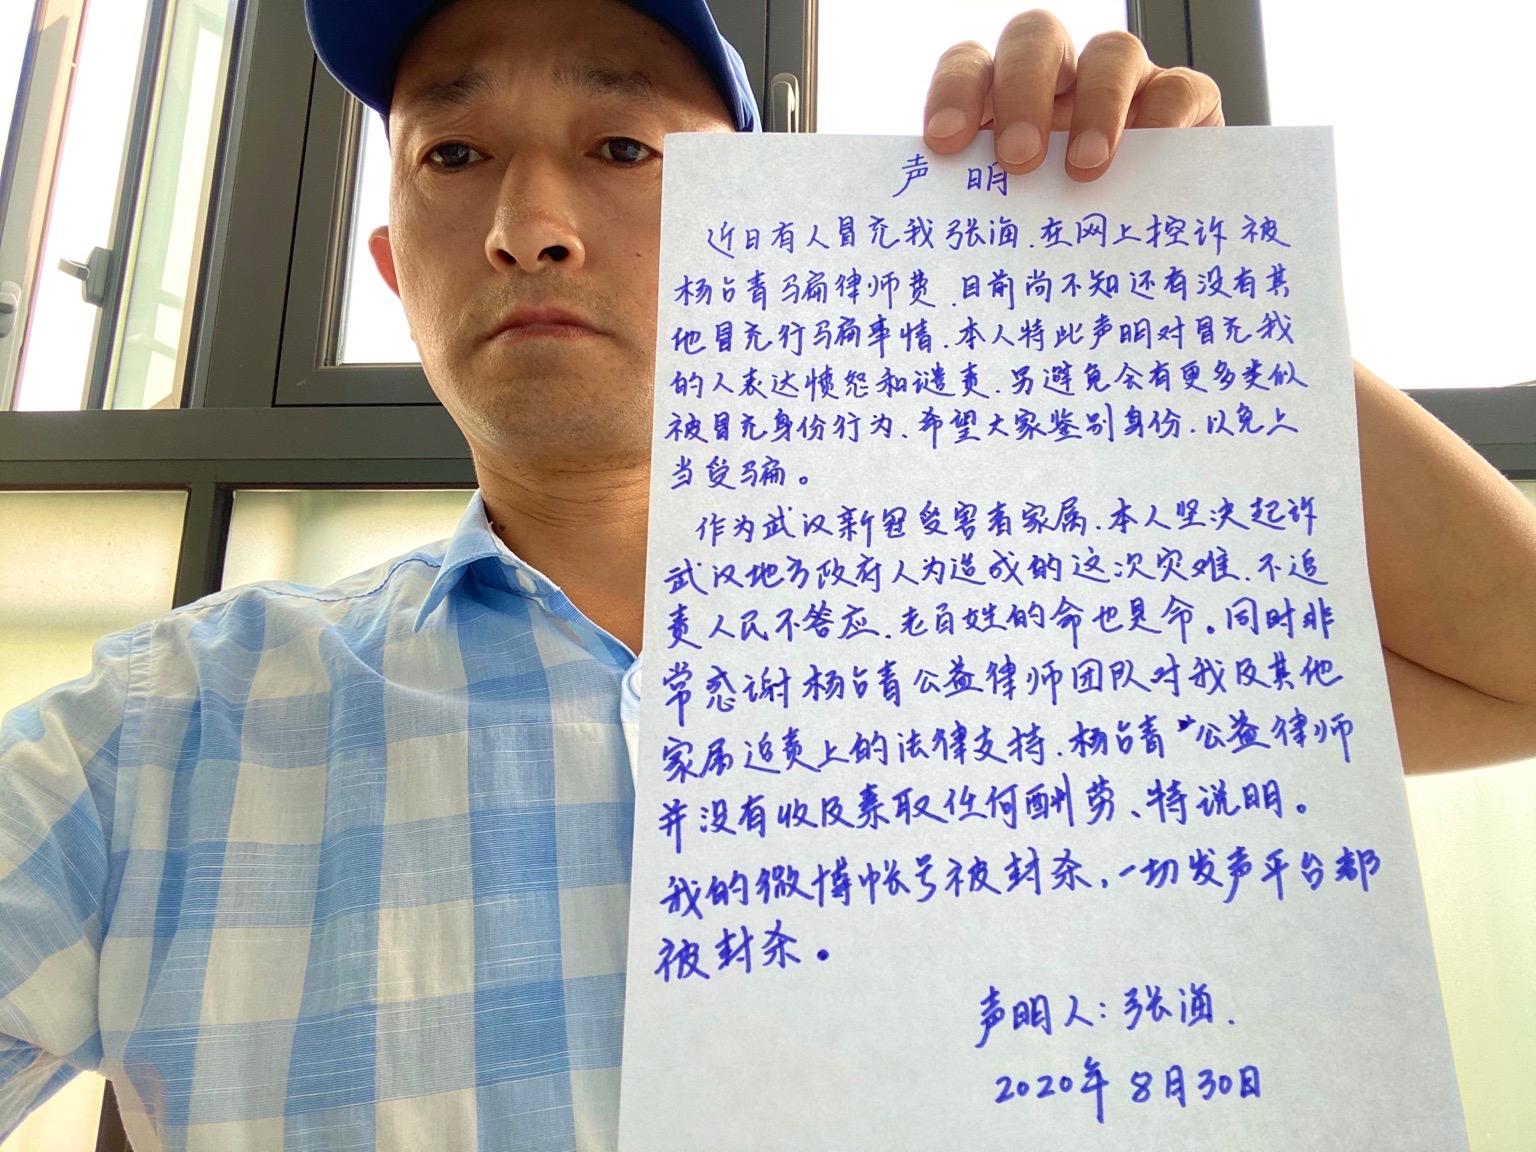 武漢當局冒充疫情受害人 當事人澄清並譴責